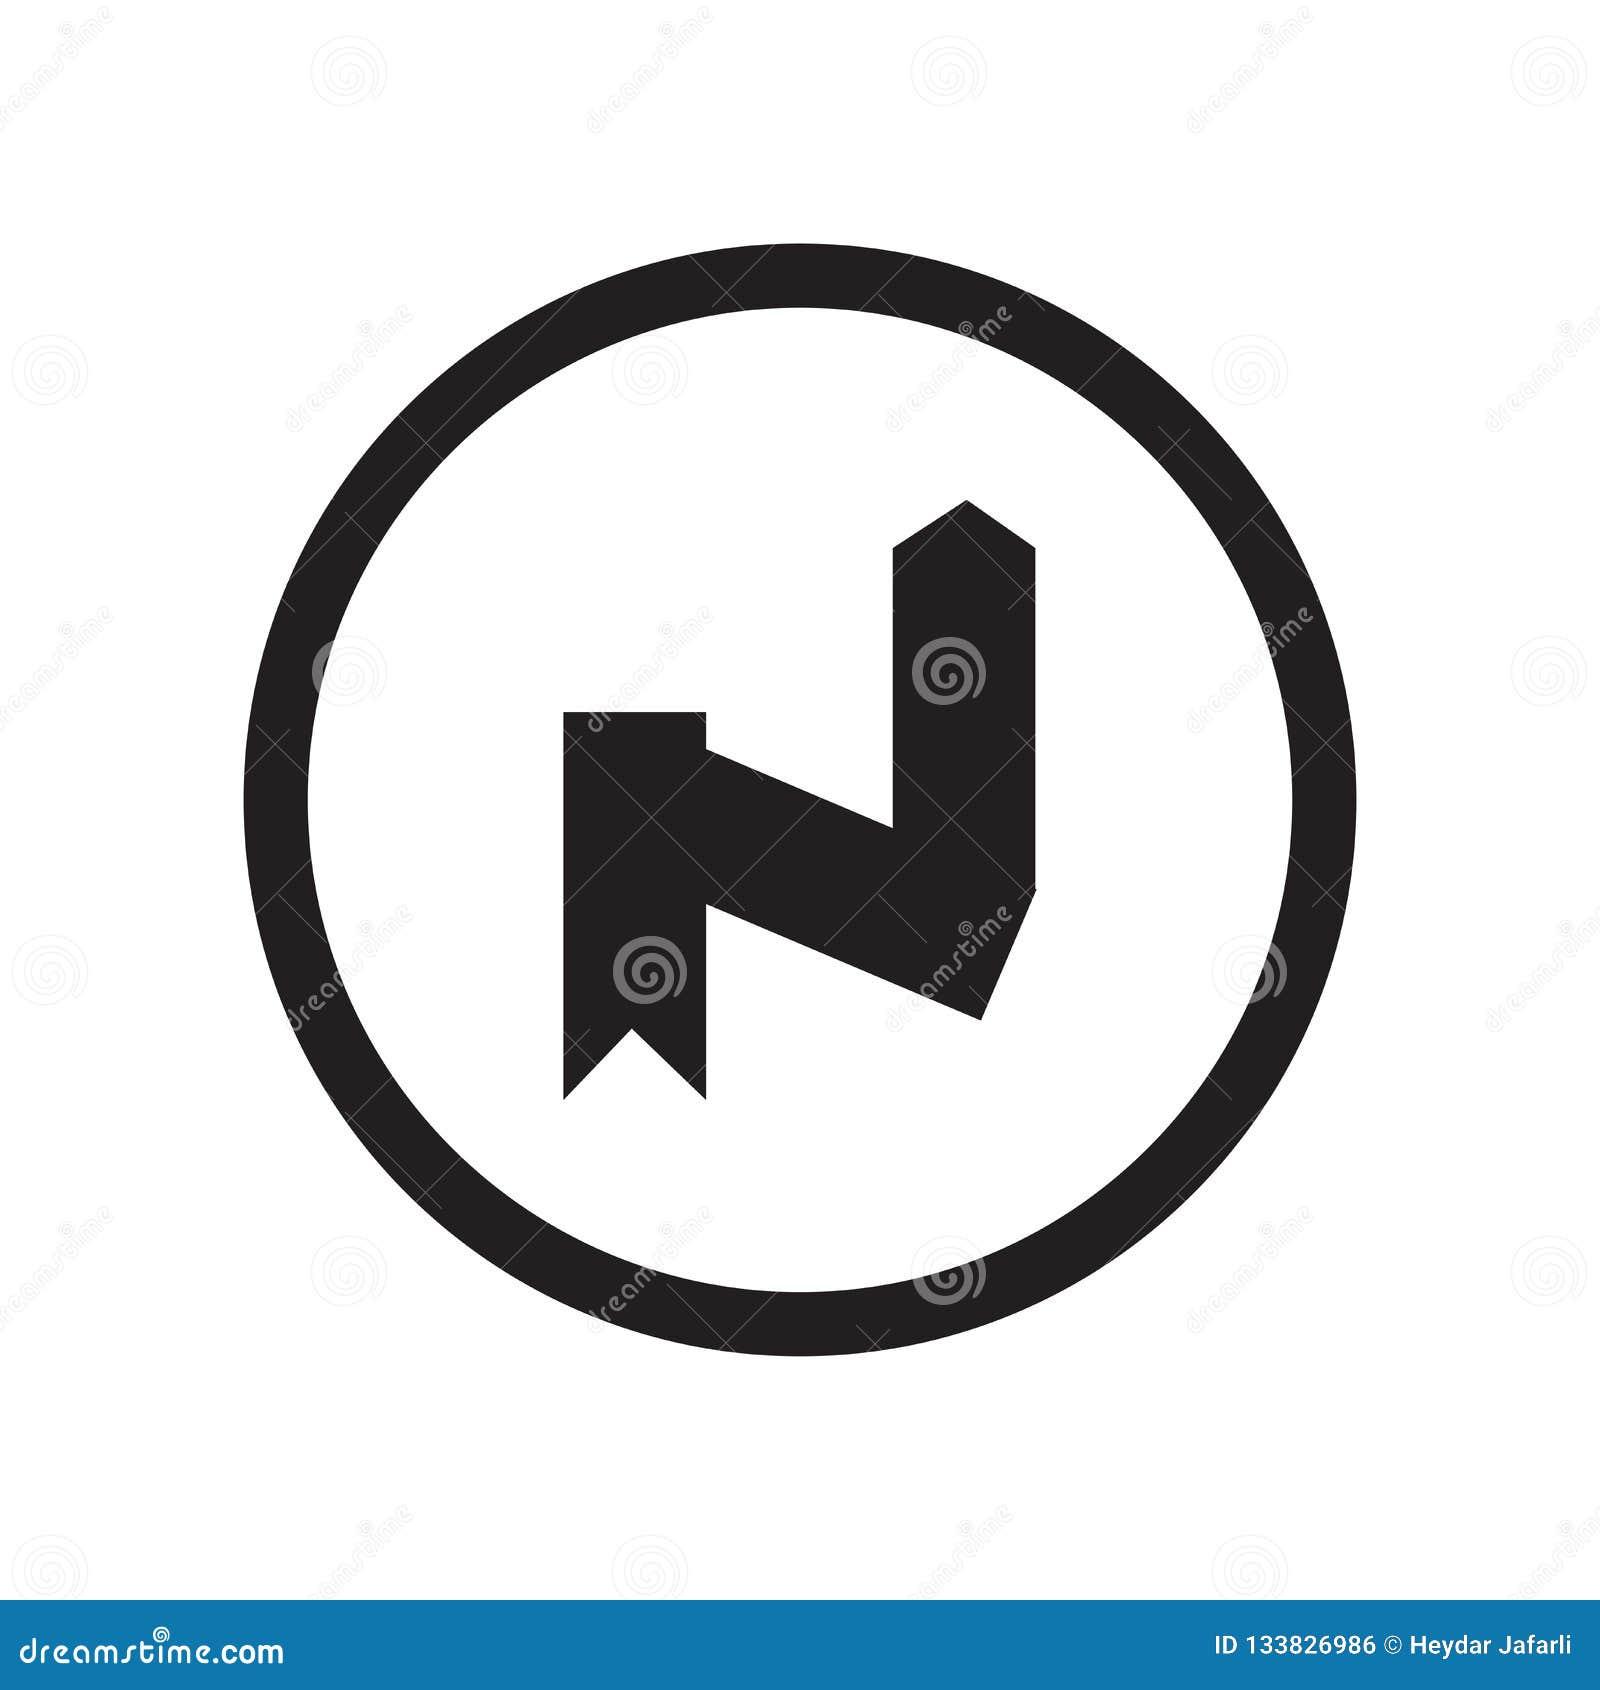 För kurvsymbol för rätt som omvänt tecken och symbol för vektor isoleras på vit bakgrund, högert omvänt kurvlogobegrepp